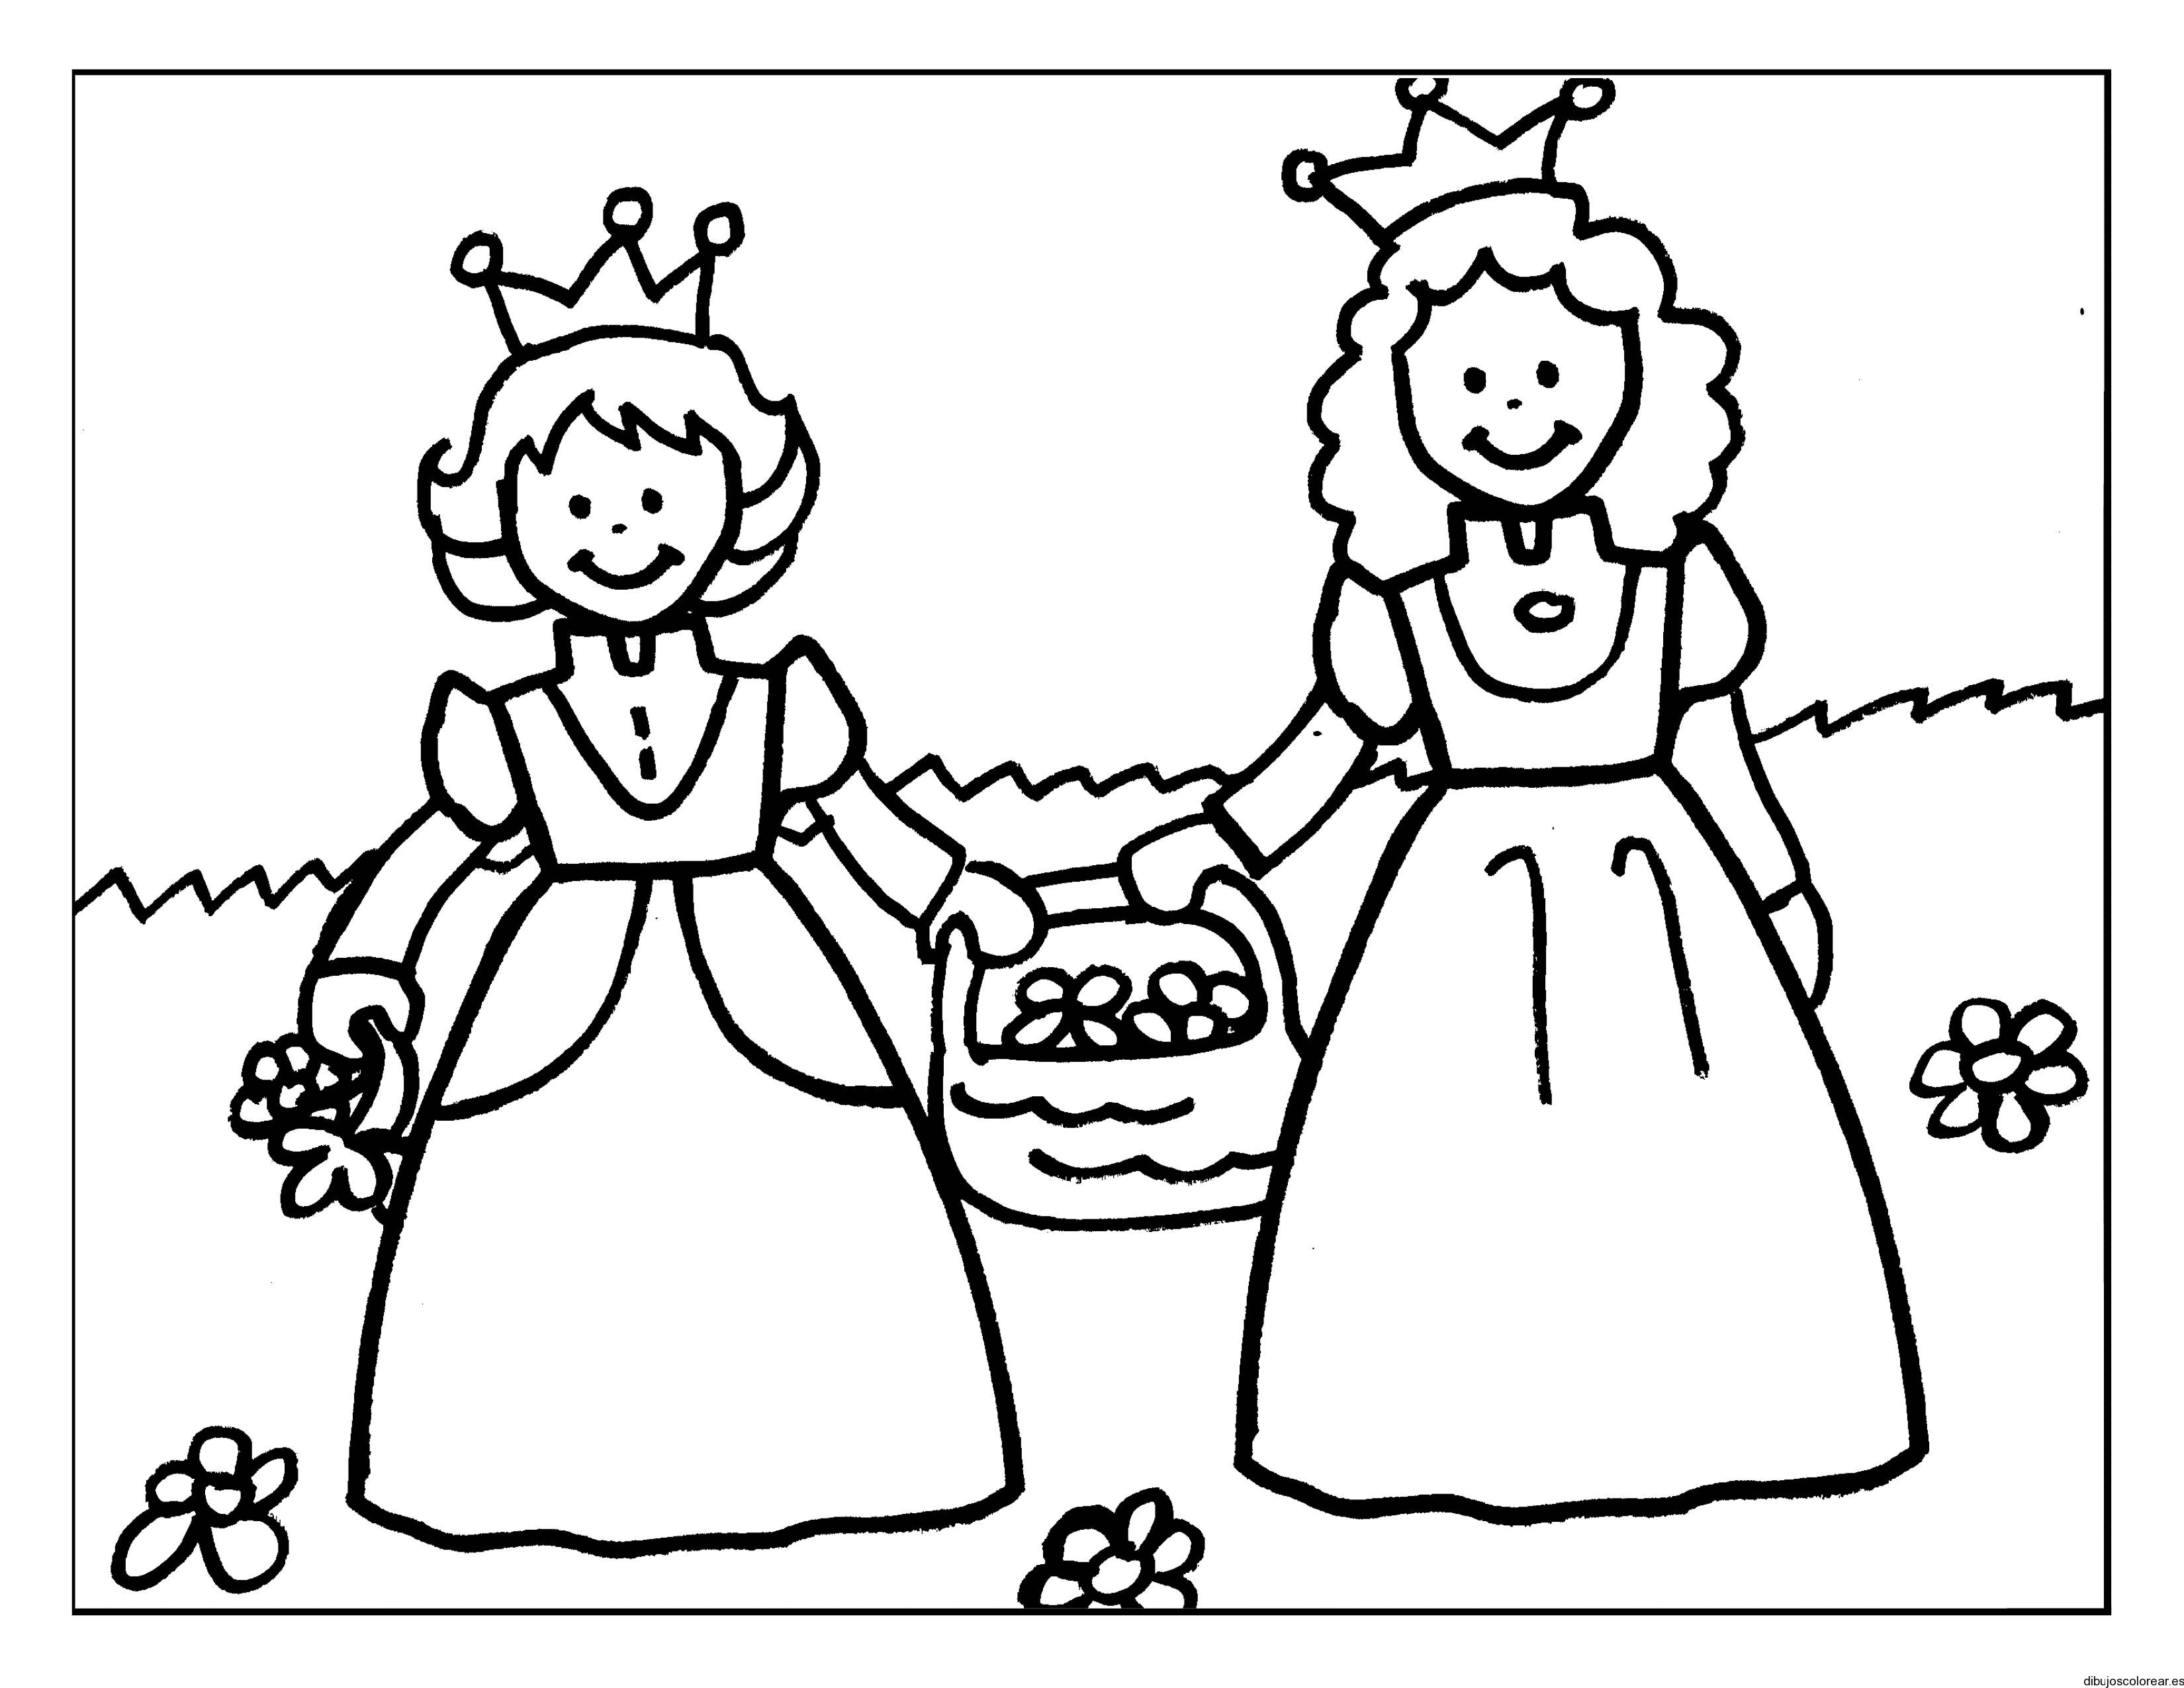 Dibujo con las cinco princesas